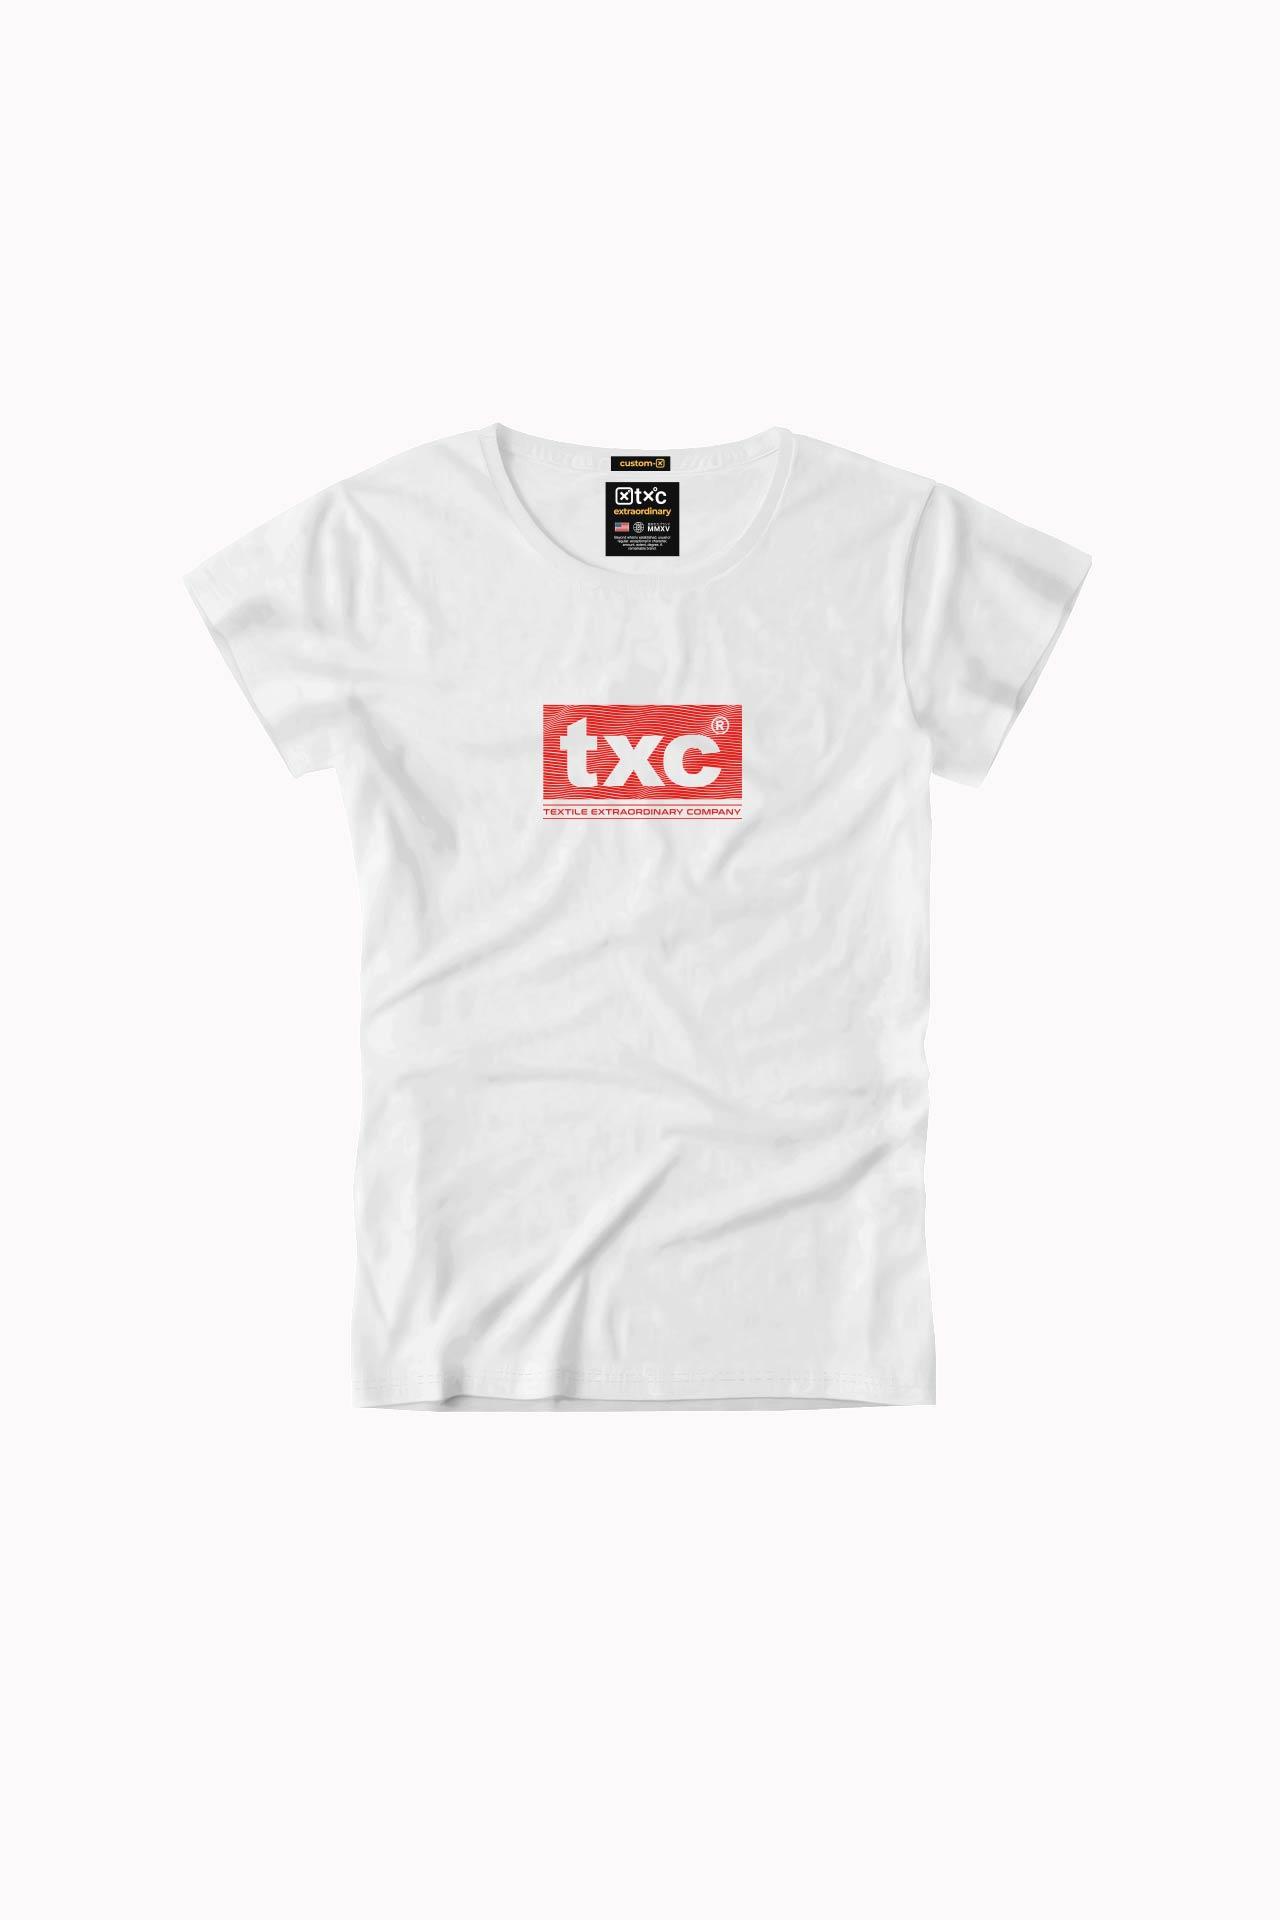 Camiseta Feminina TXC 4859